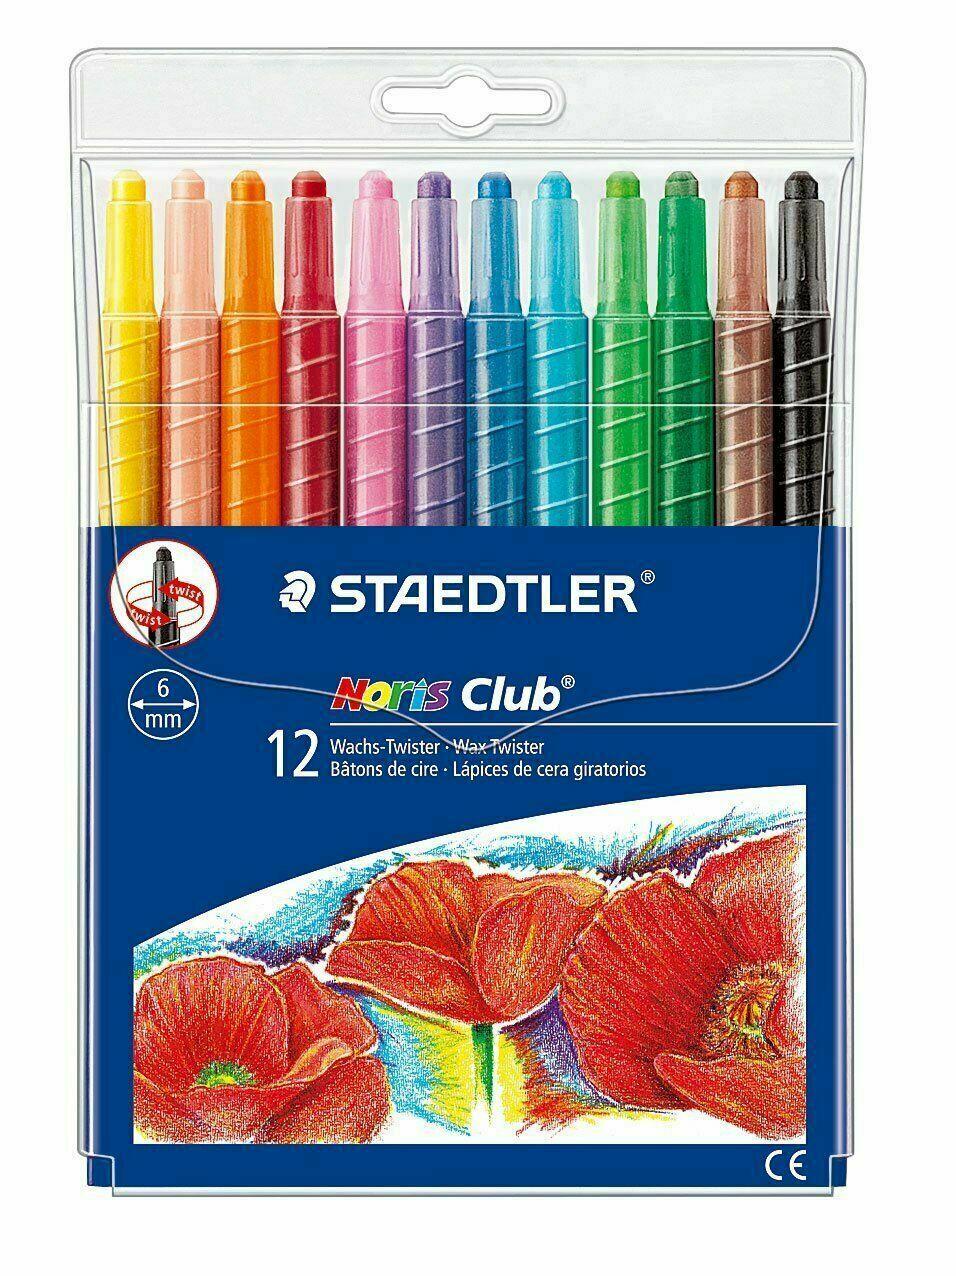 STAEDTLER Crayons STAEDTLER Noris Club Wax Twister WLT12